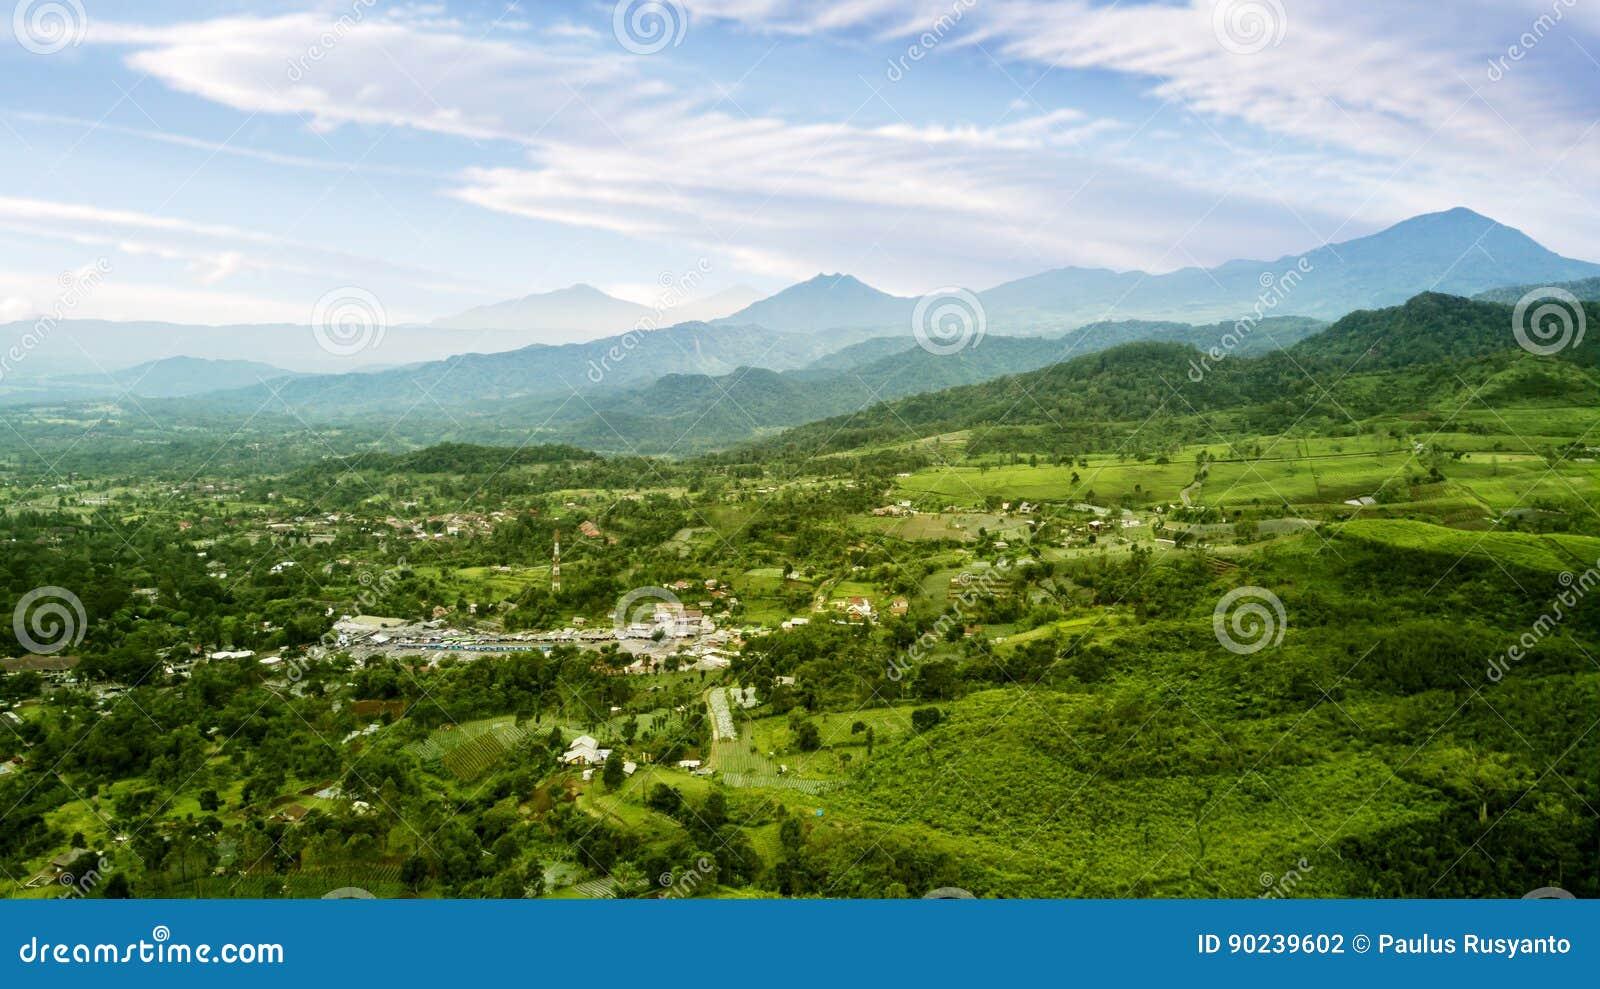 茶园高地和村庄